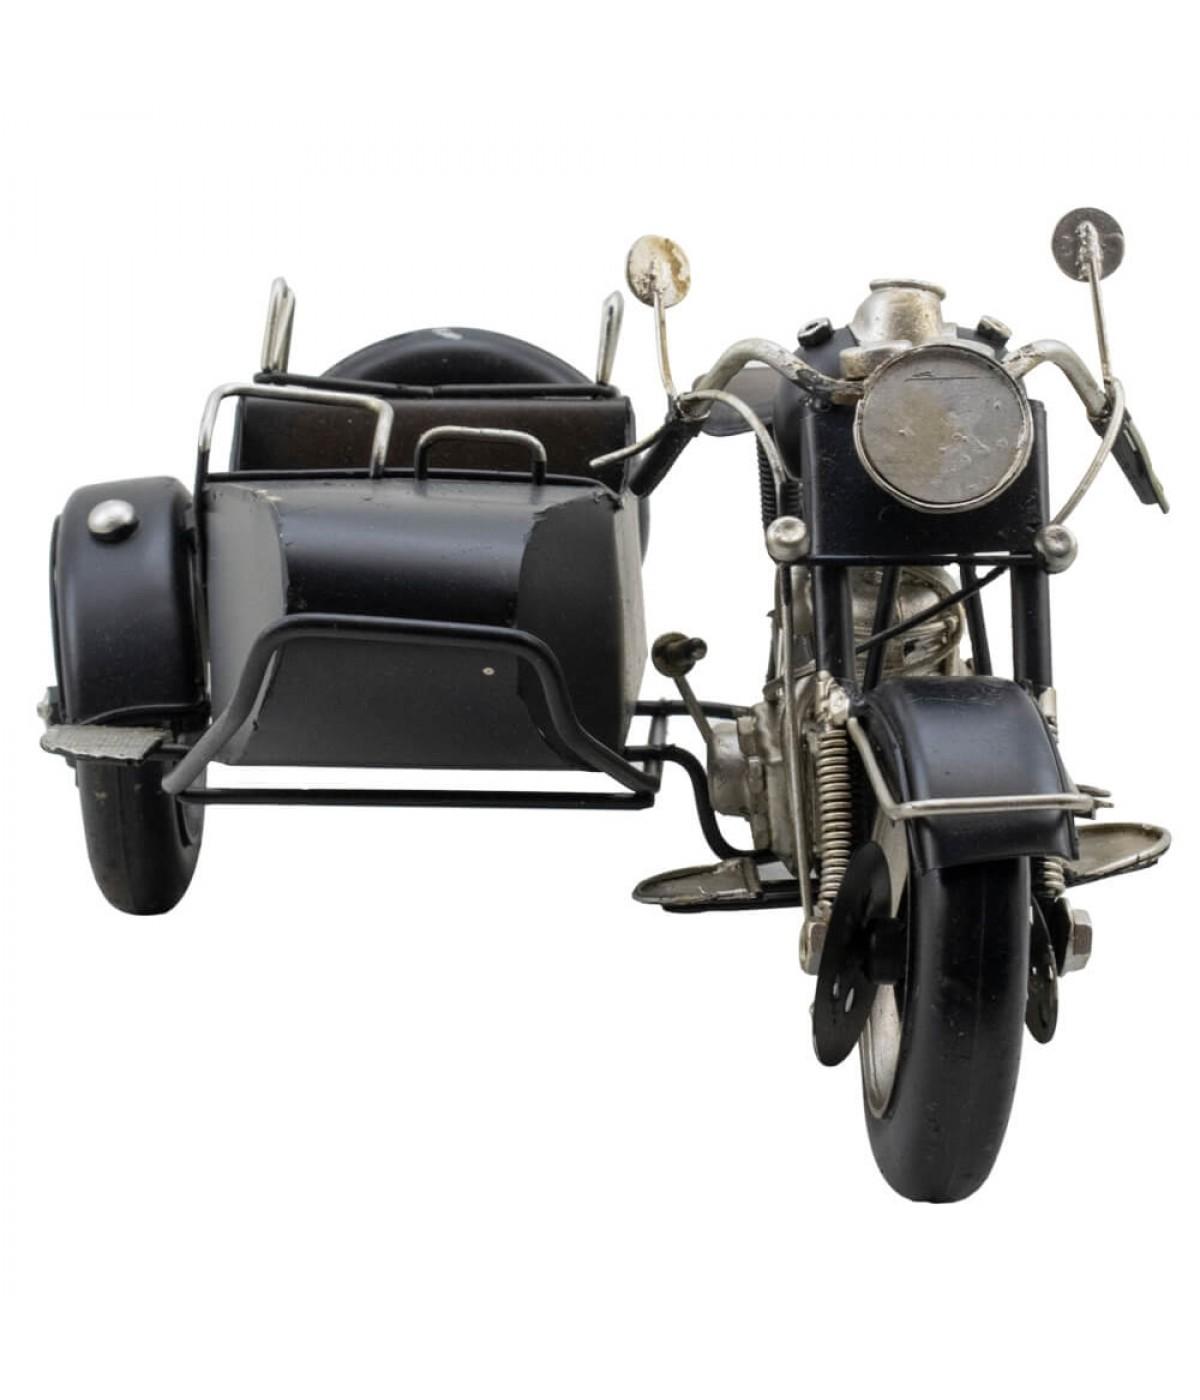 Motocicleta Preta Com Sidecar 28cm Estilo Retrô - Vintage